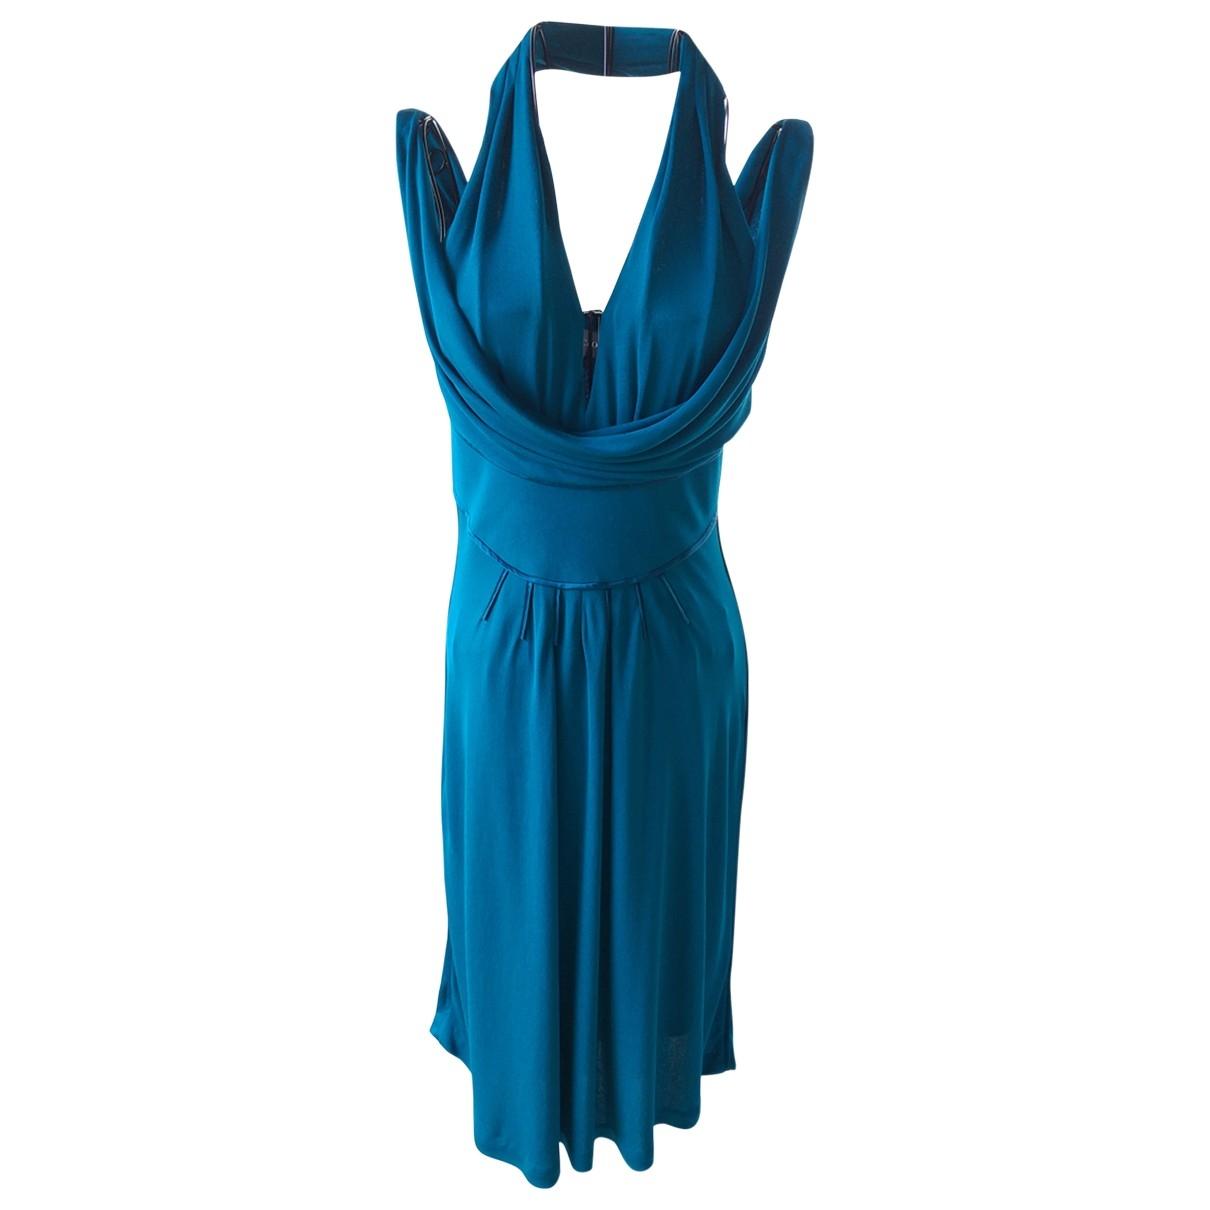 Zac Posen \N Blue dress for Women 4 US